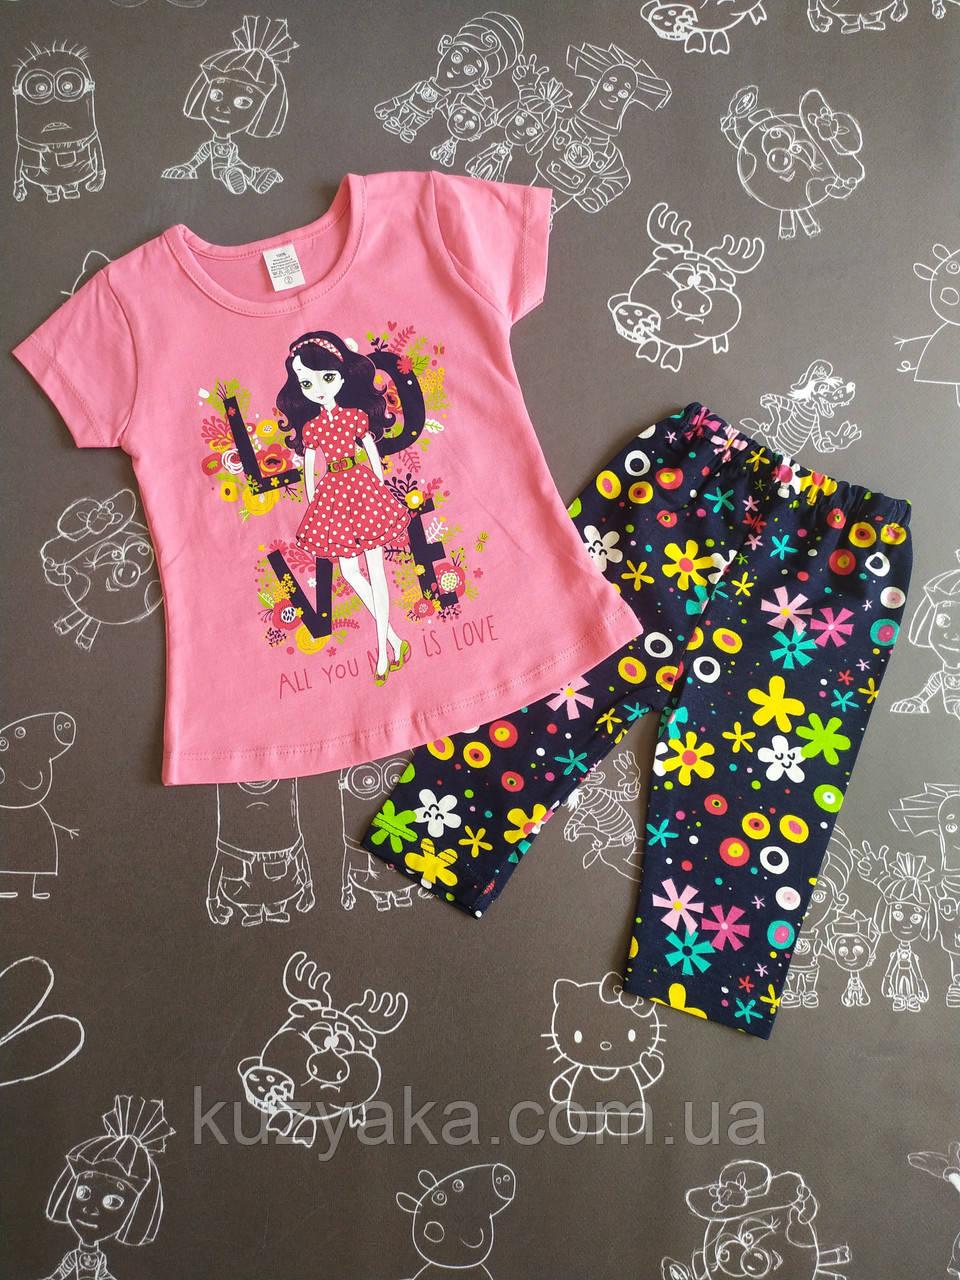 Детский летний костюм для девочки на 1-2 года